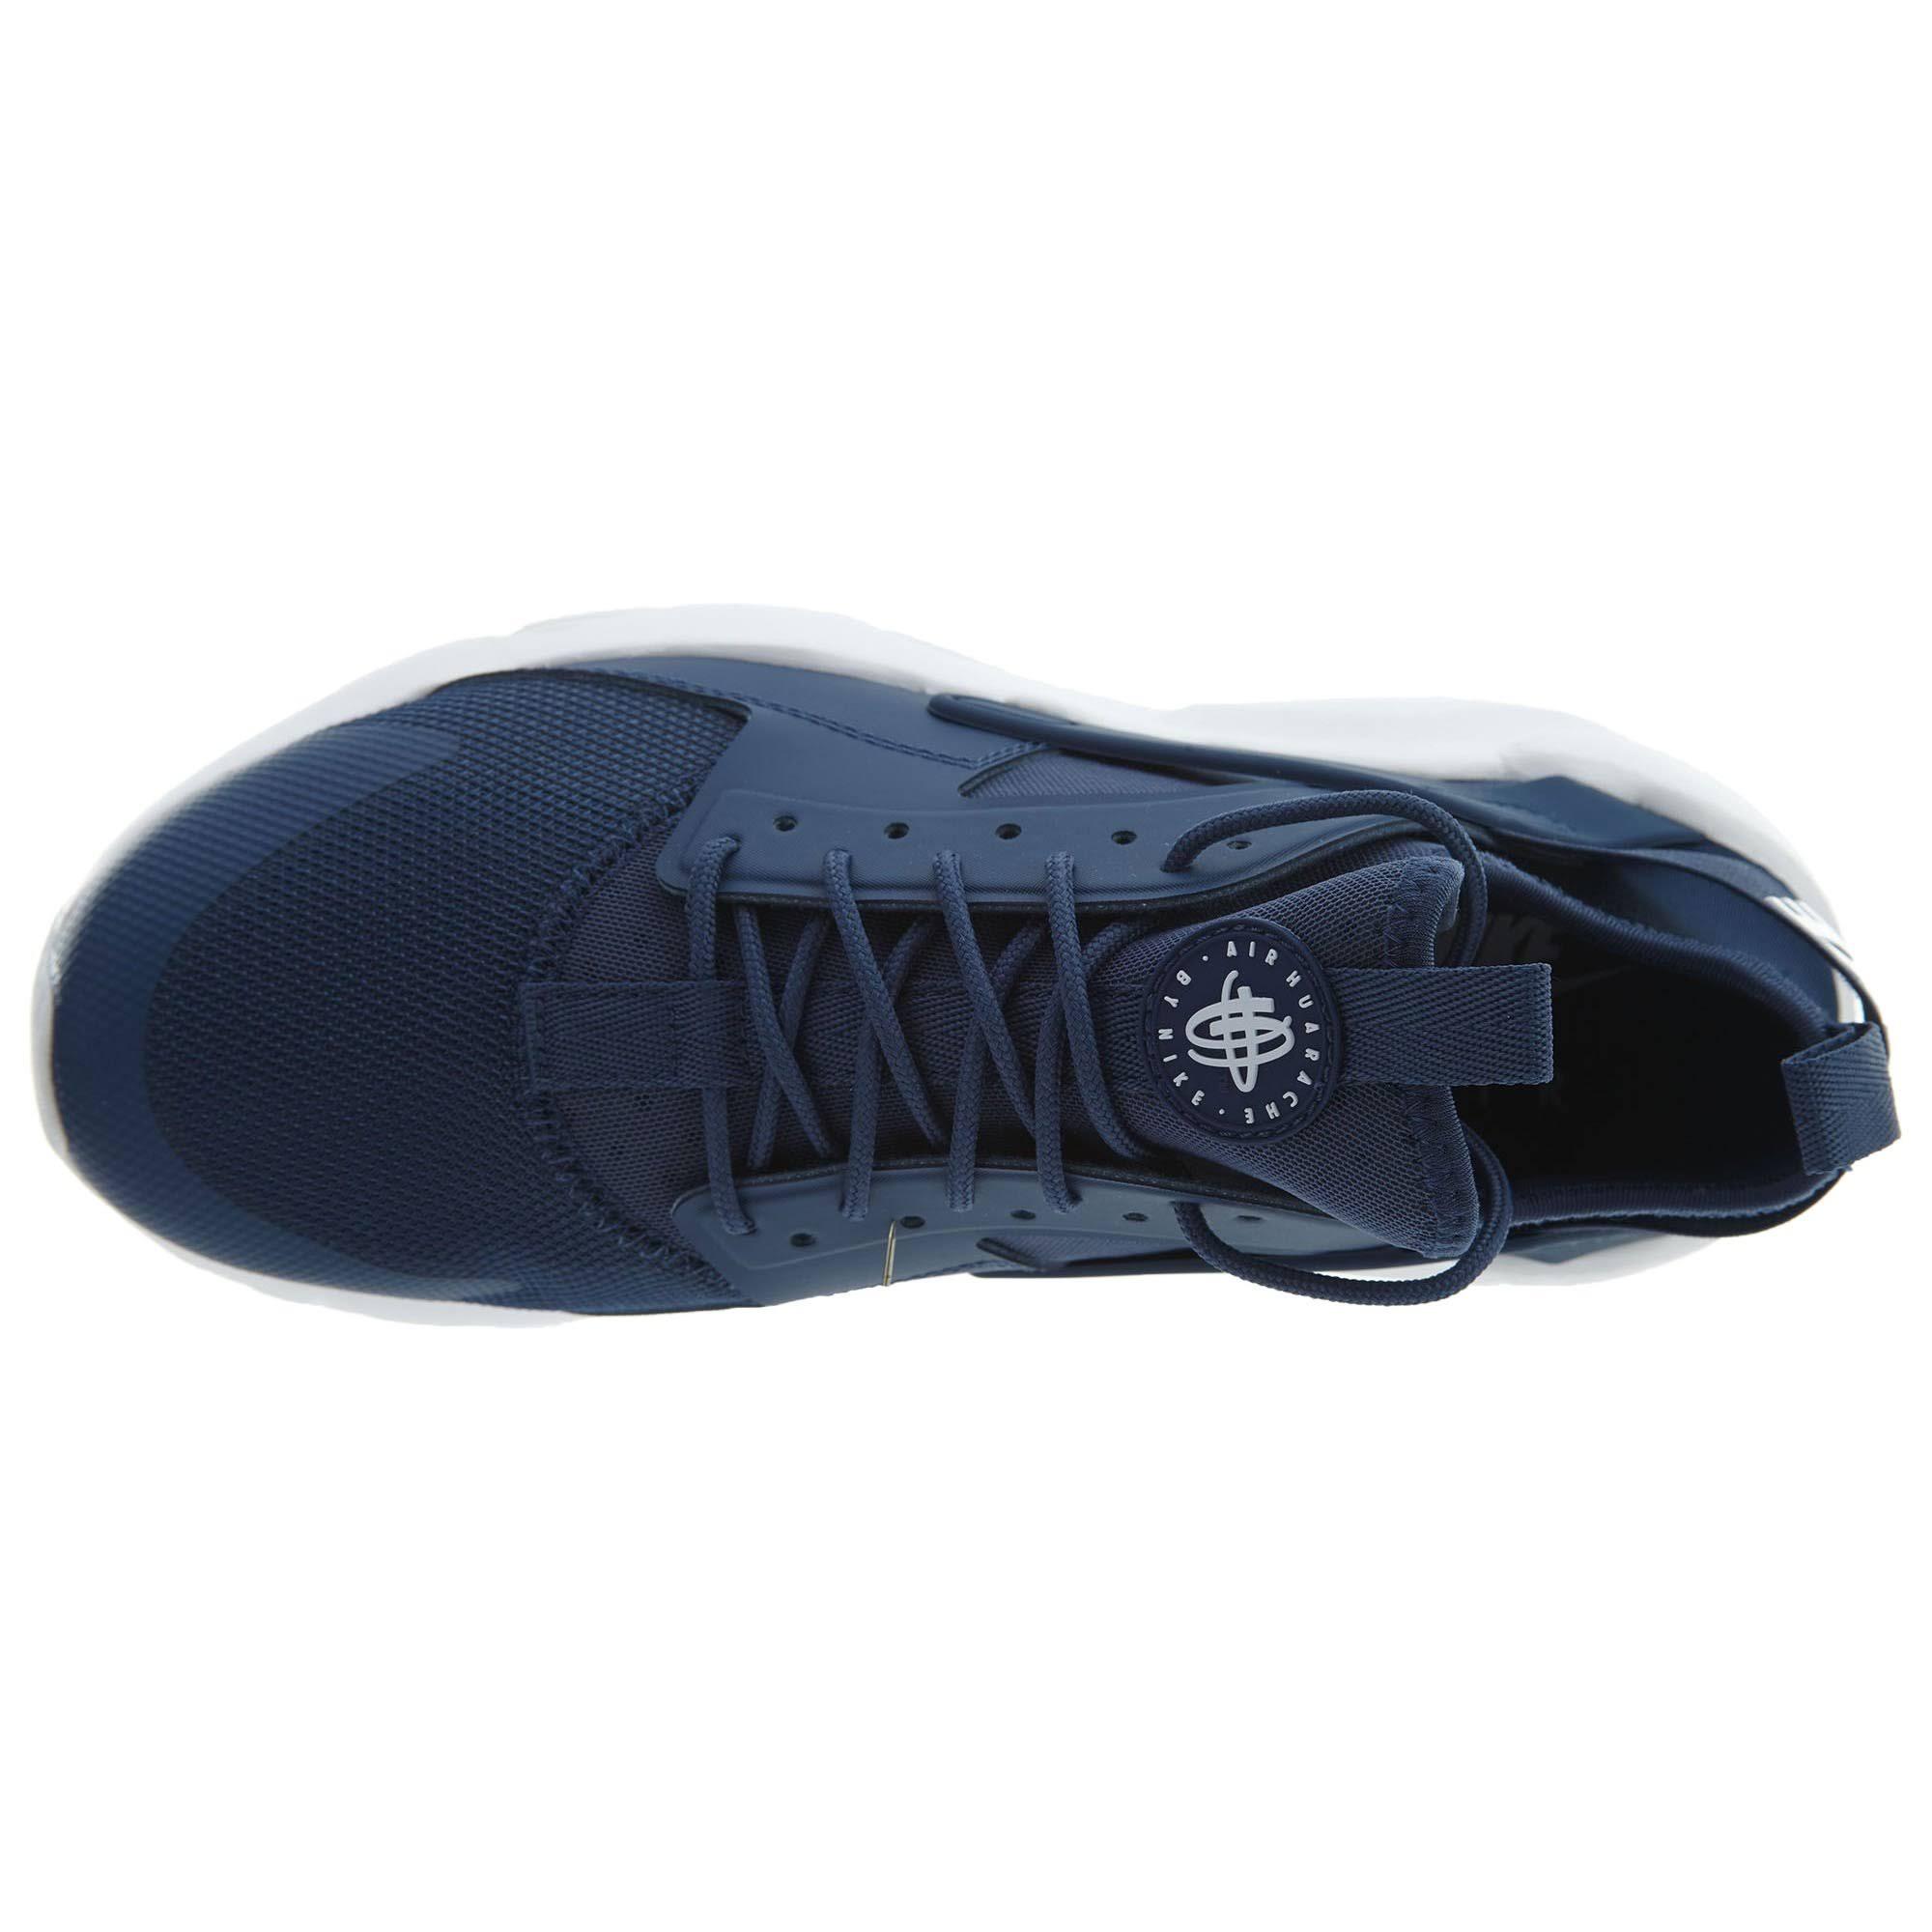 Para Hombre Azul Ultra Blanco Air Huarache Run Estilo Marino 819685 Nike UIqRa